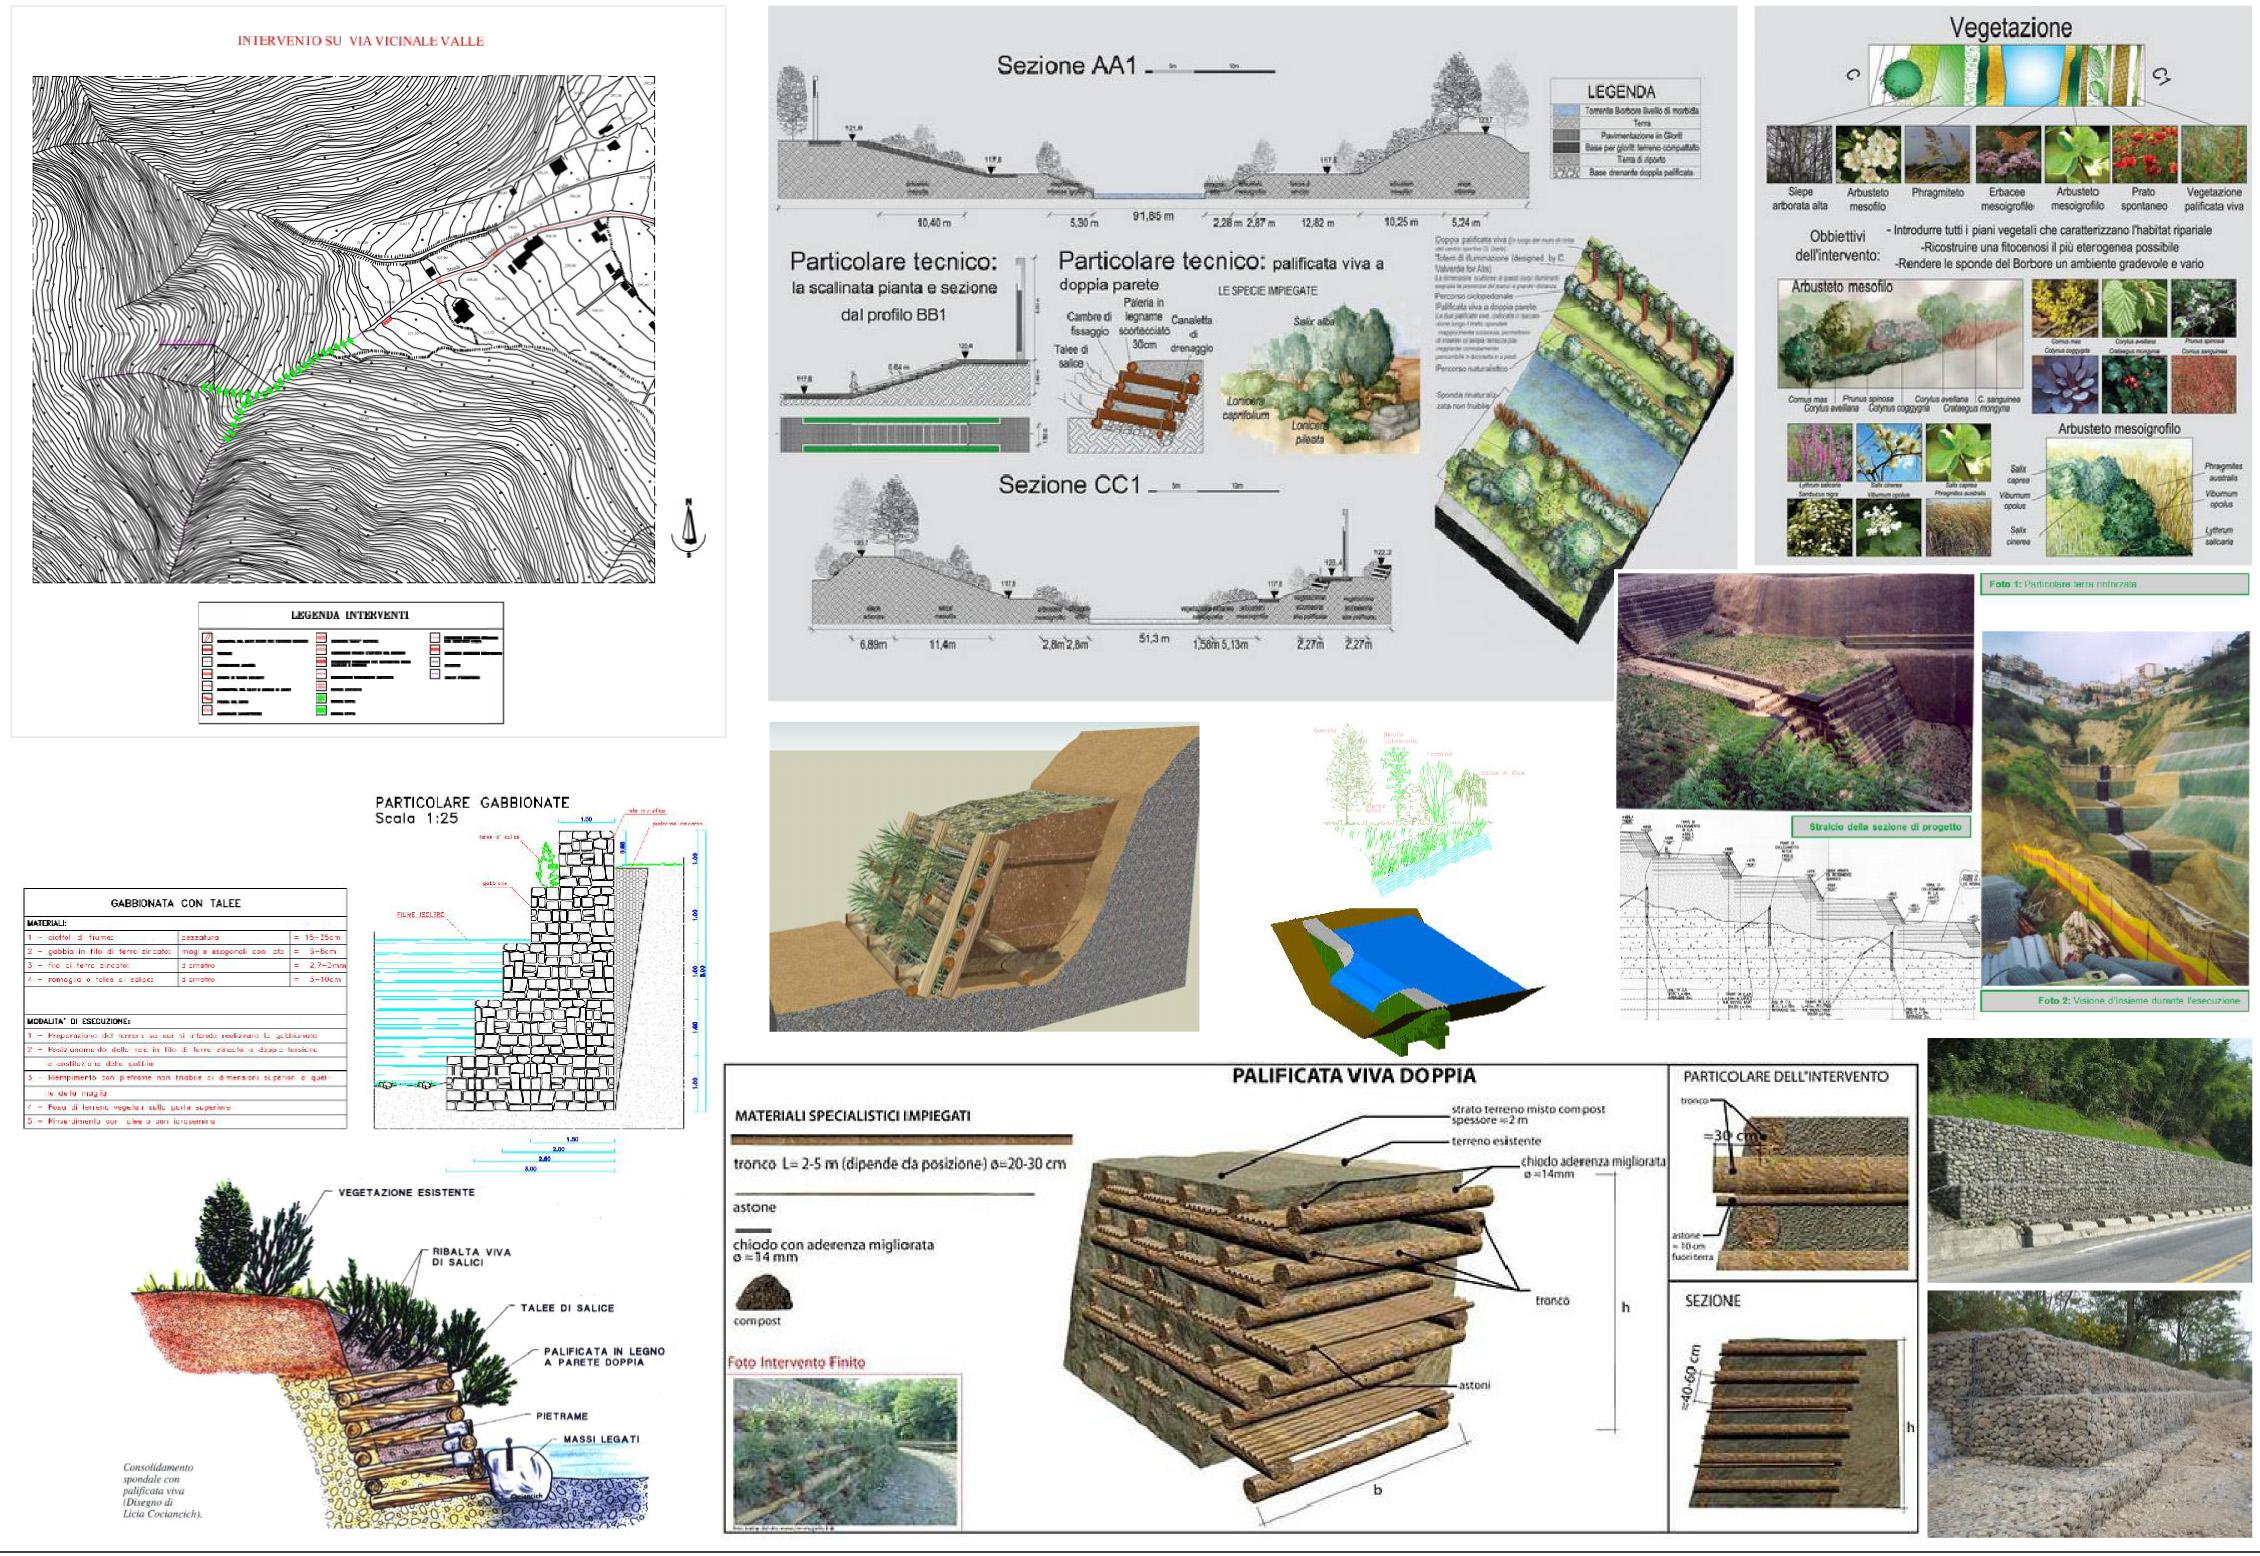 schede-forestazione_provincia-bn-model-2